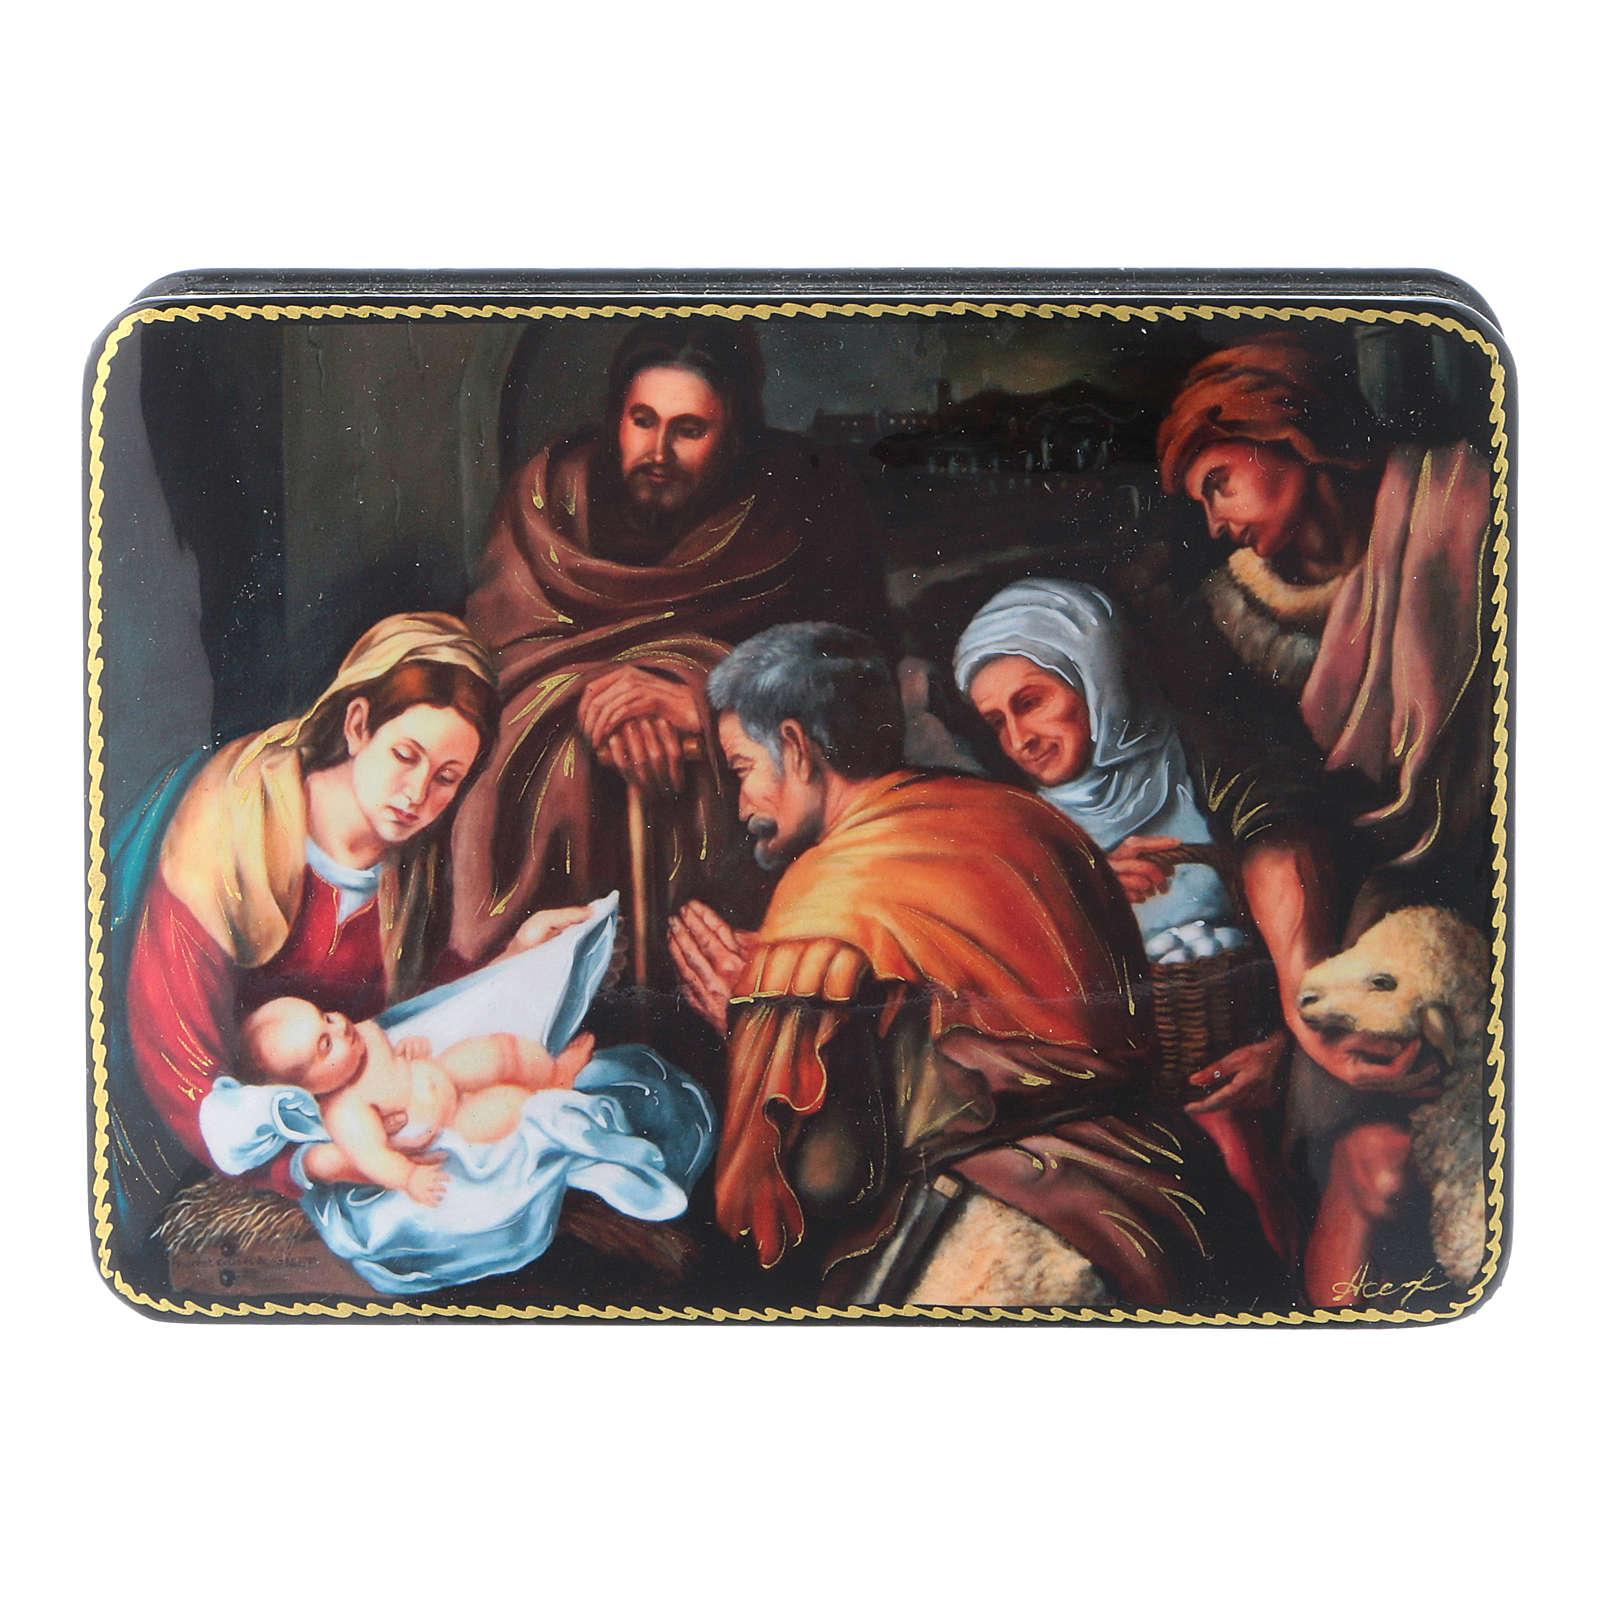 Lacca russa Papier-mâché Nascita di Cristo di Murillo Fedoskino style 15x11 4